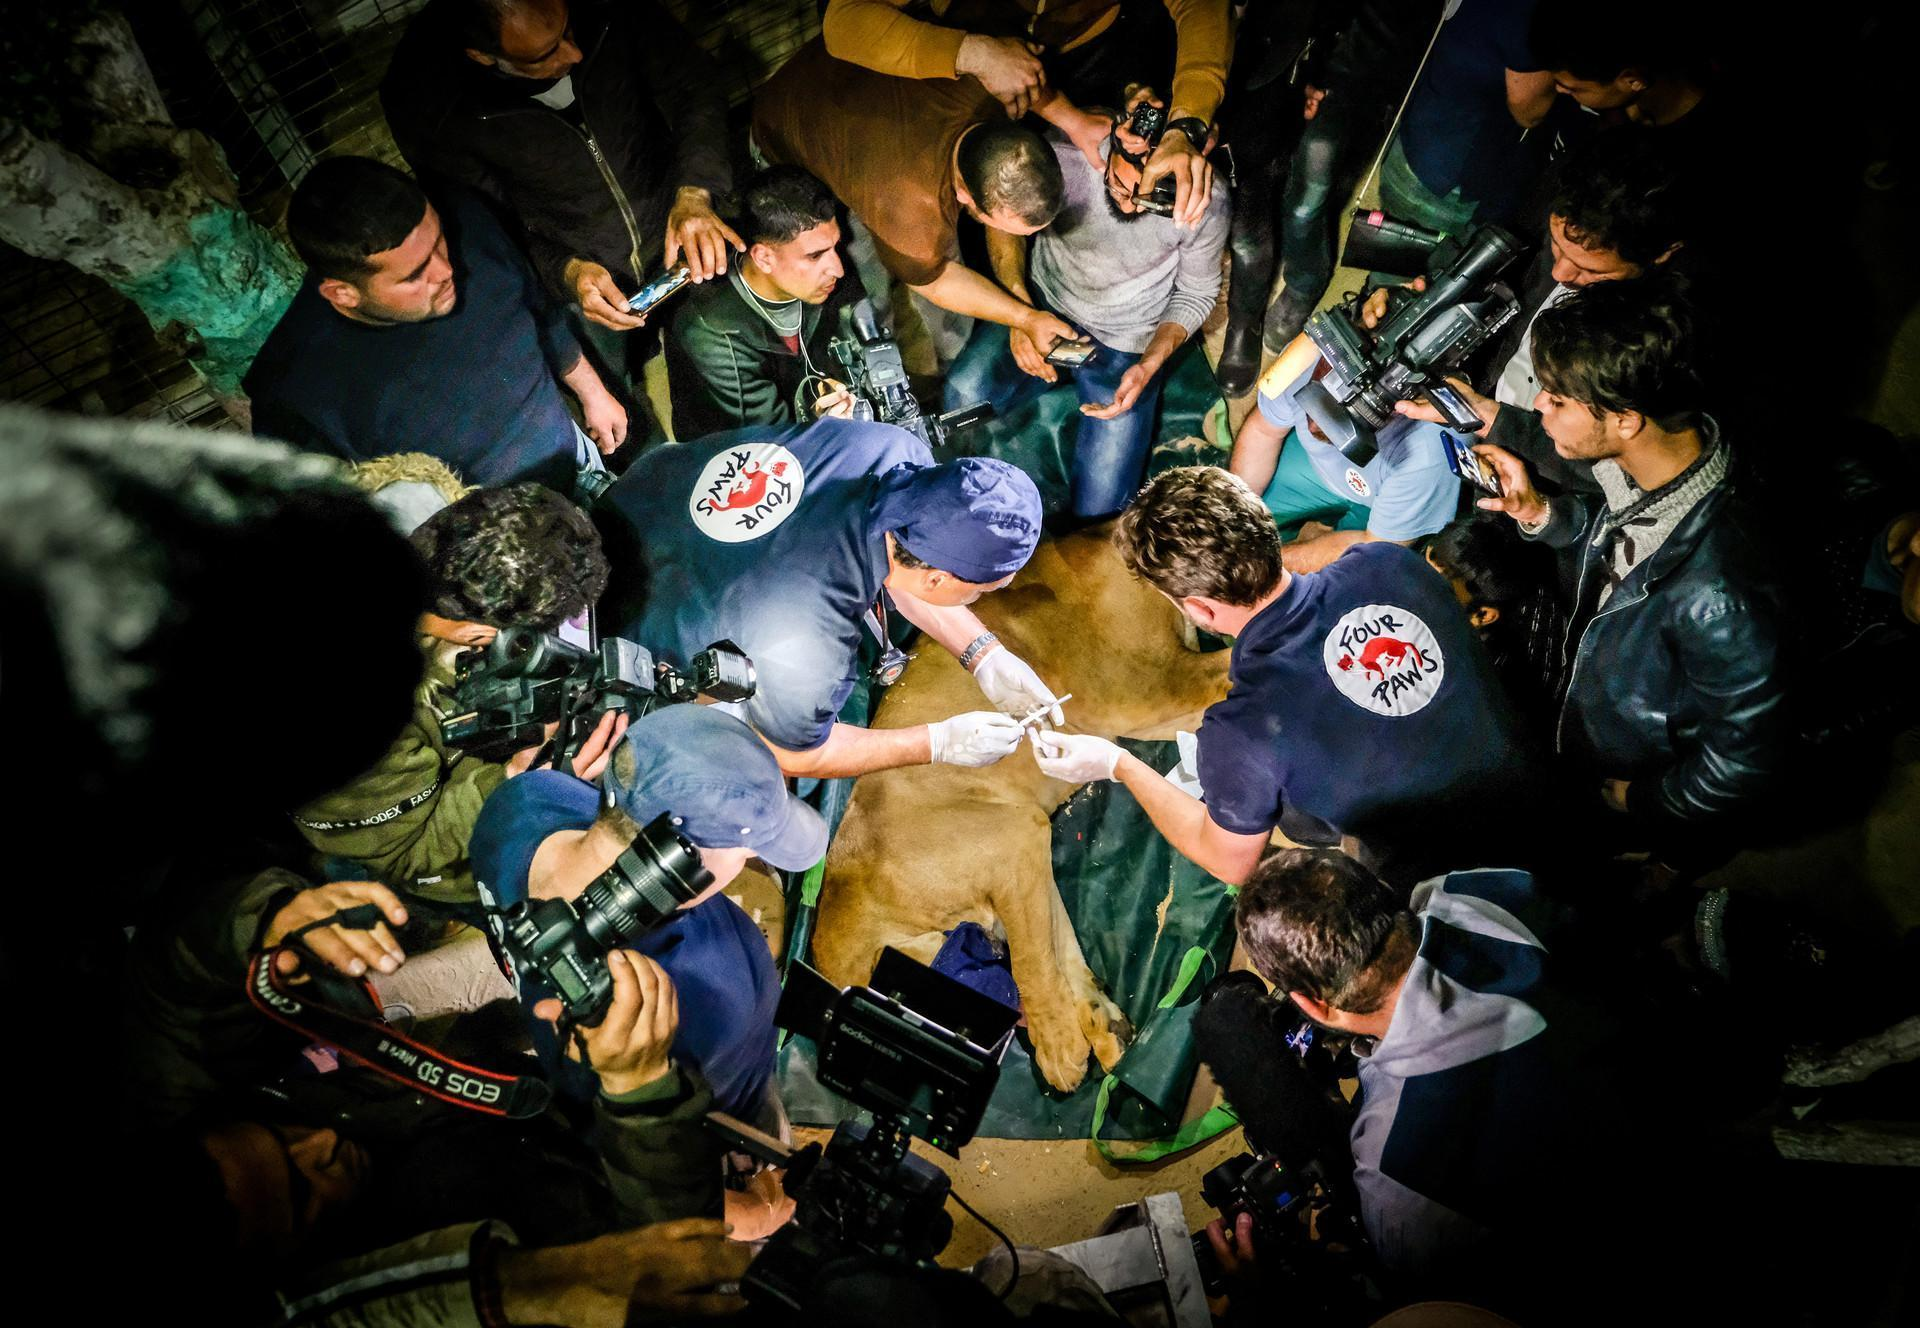 Tierarztuntersuchung während der Rettungsaktion im Gazastreifen